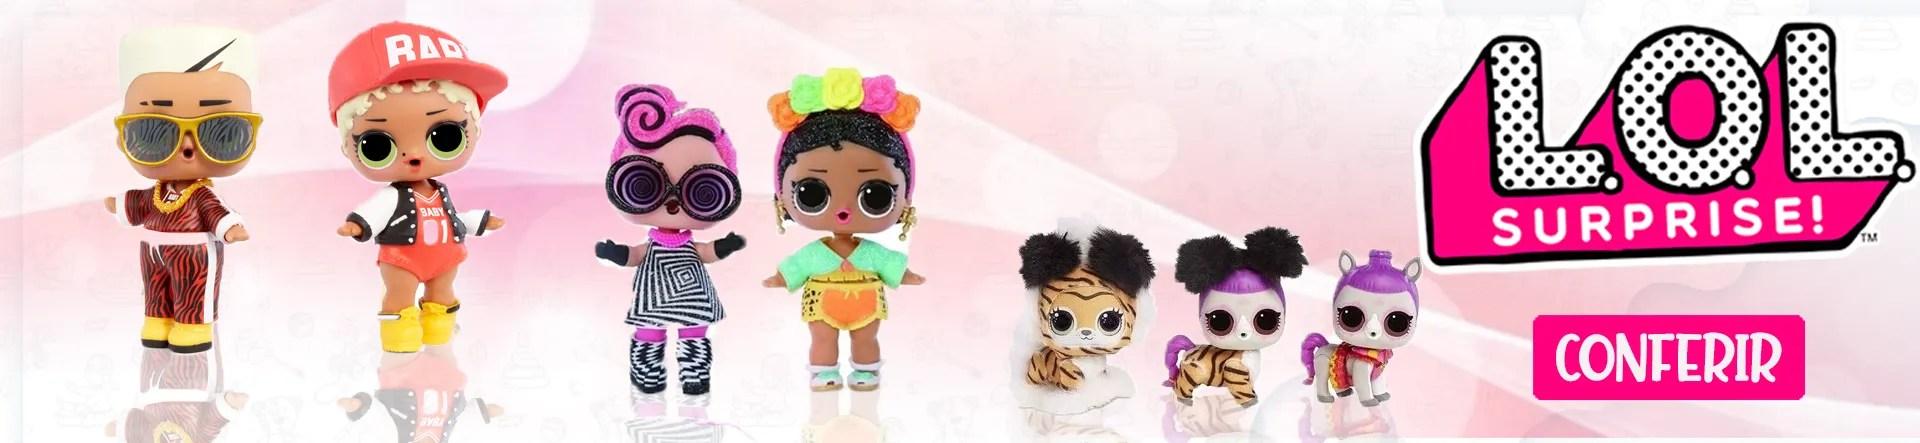 Encontre mais lol unicórnio em brinquedos e hobbies, bonecas,. Let Brinquedos | O Universo dos Brinquedos